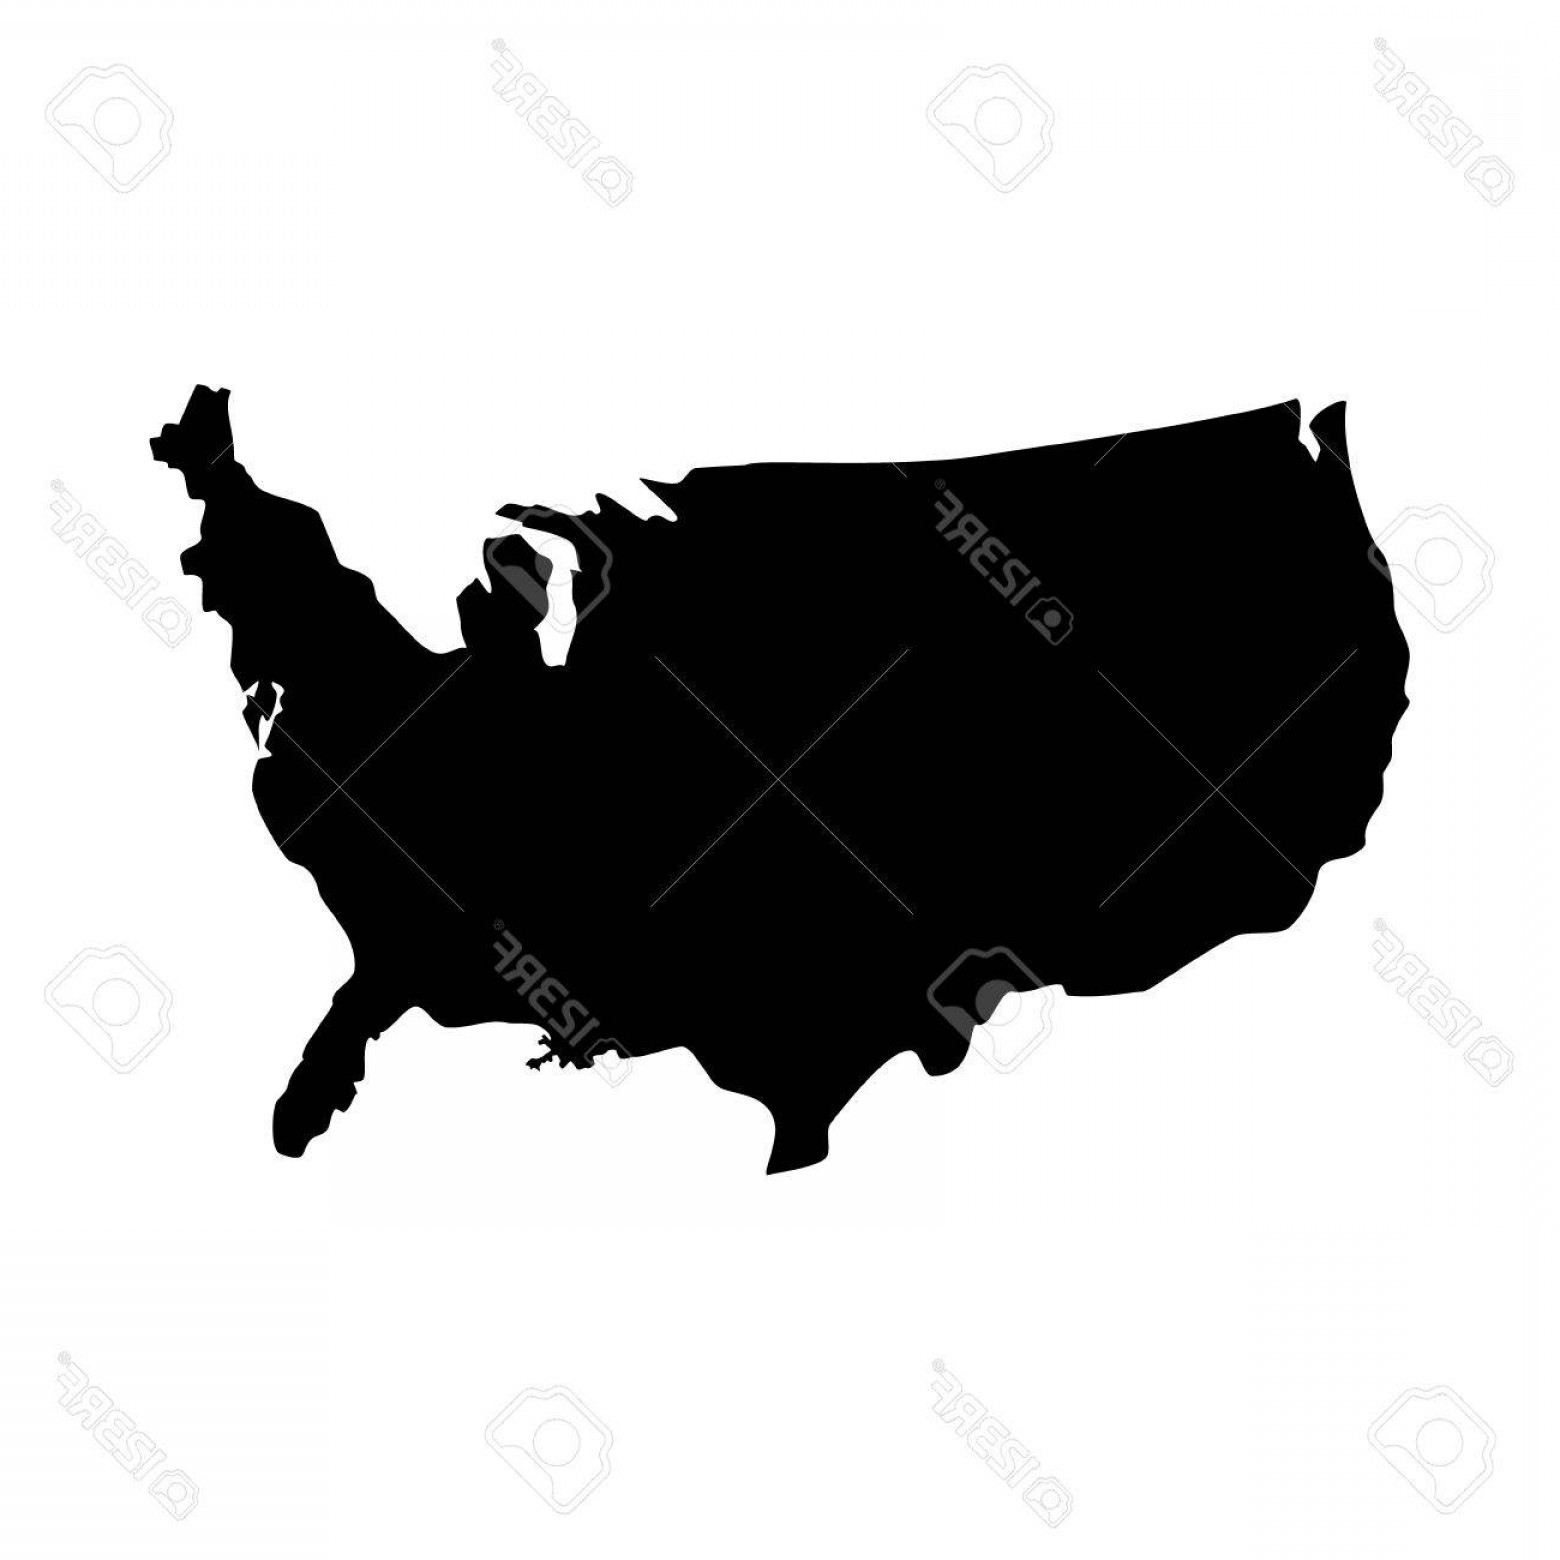 1560x1560 Usa Map Vector Black Shopatcloth